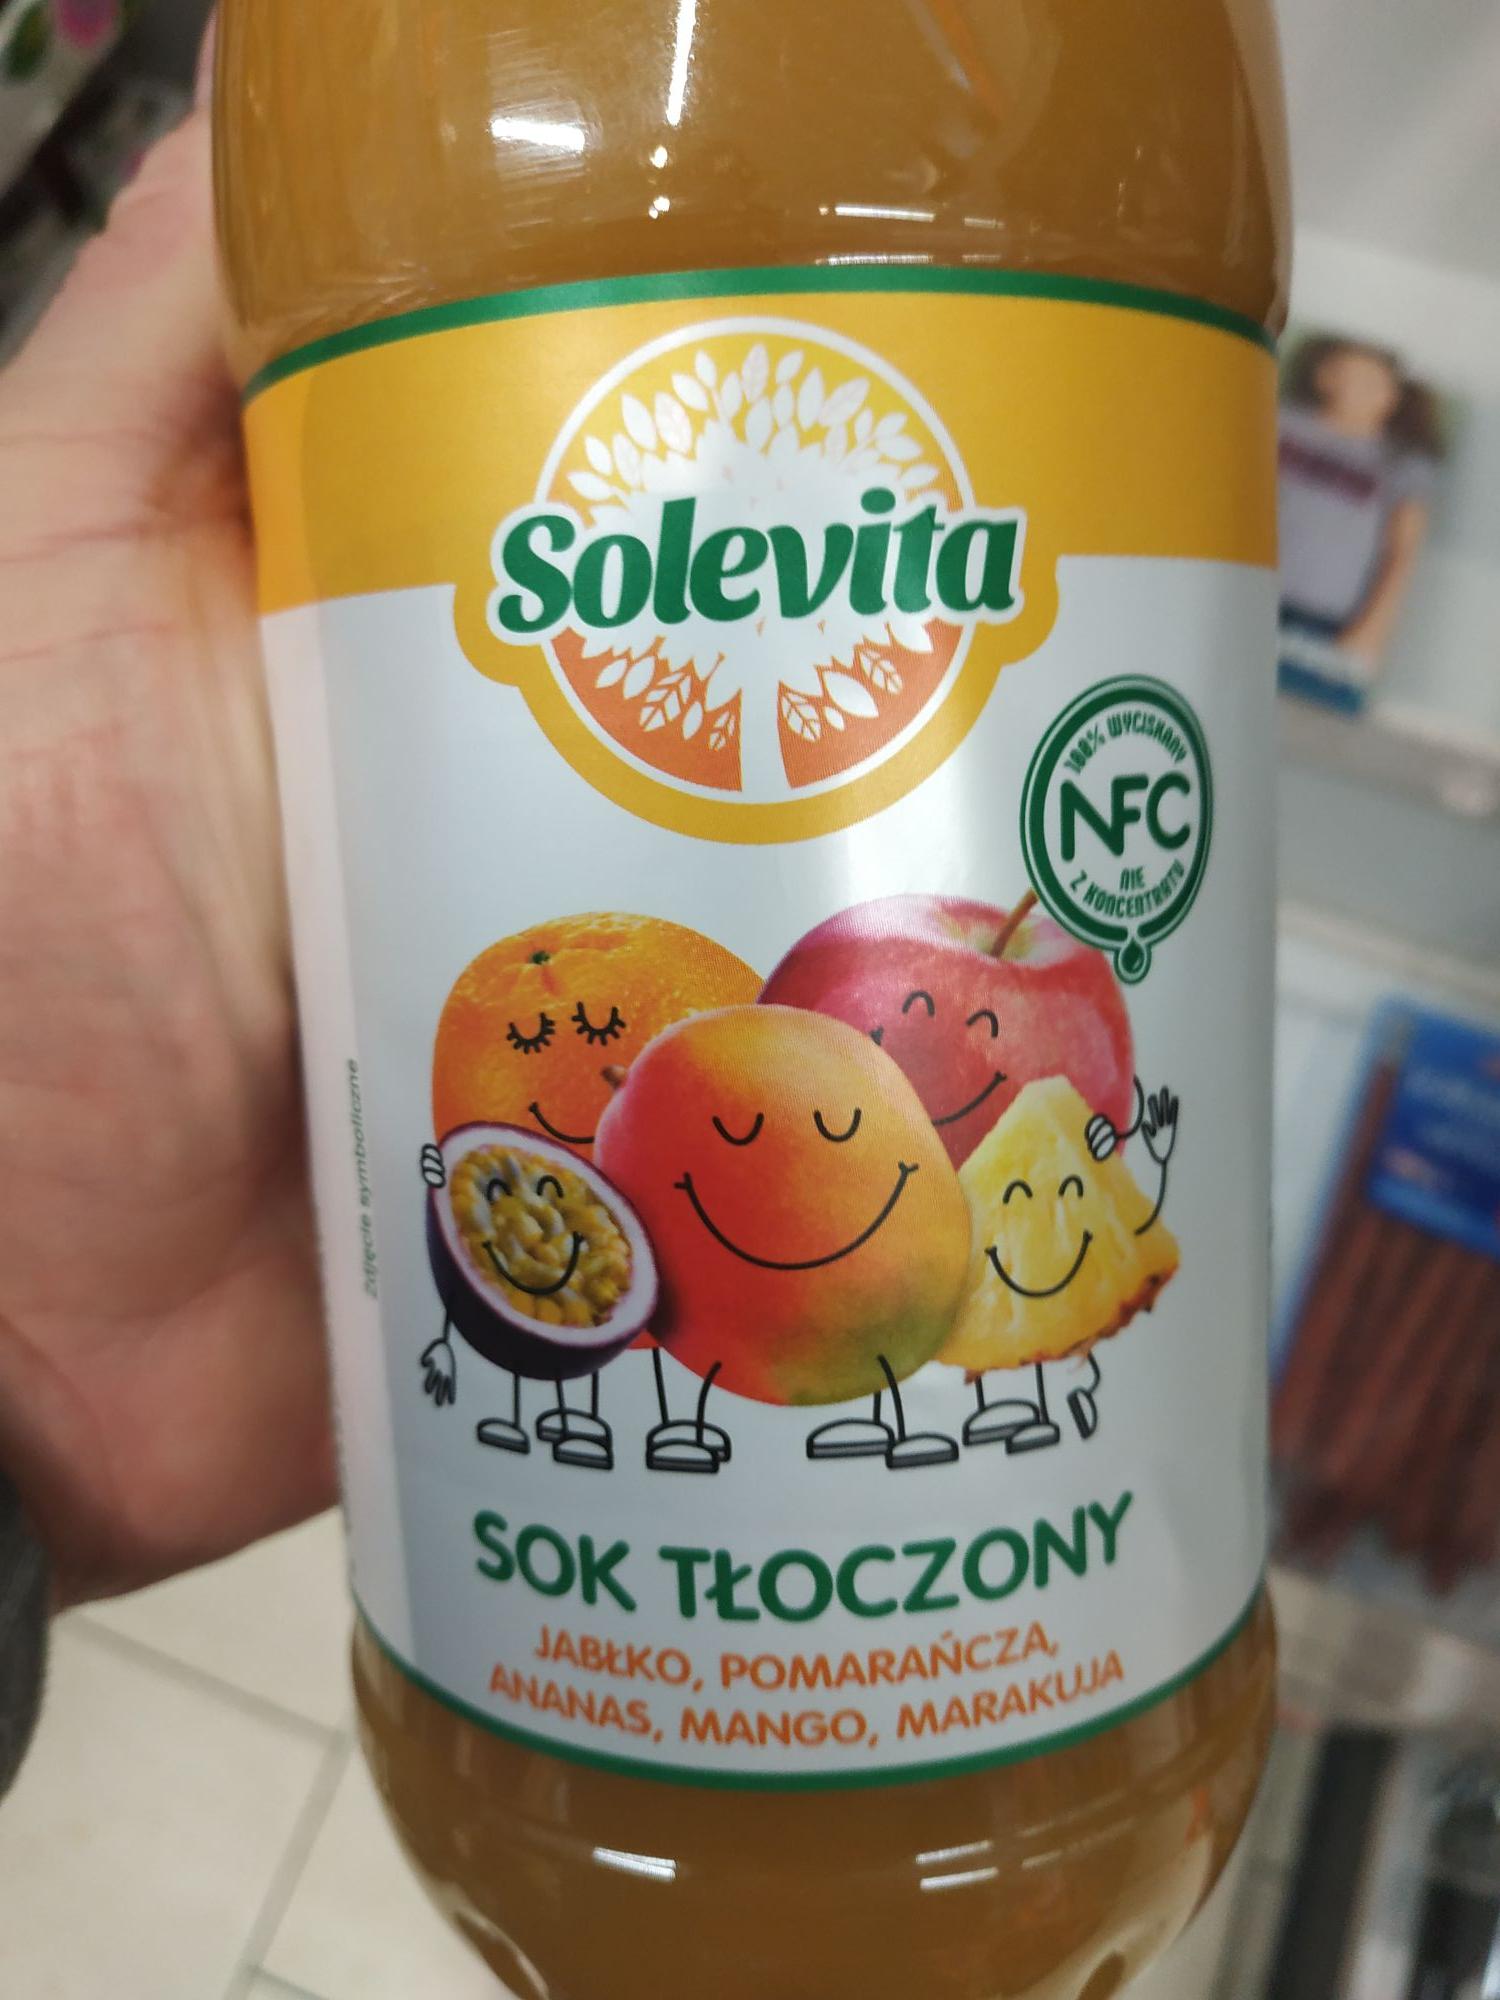 Lidl Sok tłoczony wieloowocowy bezpośrednio tłoczony z jabłka, pomarańczy, ananasa, mango i marakui 1l Solevita